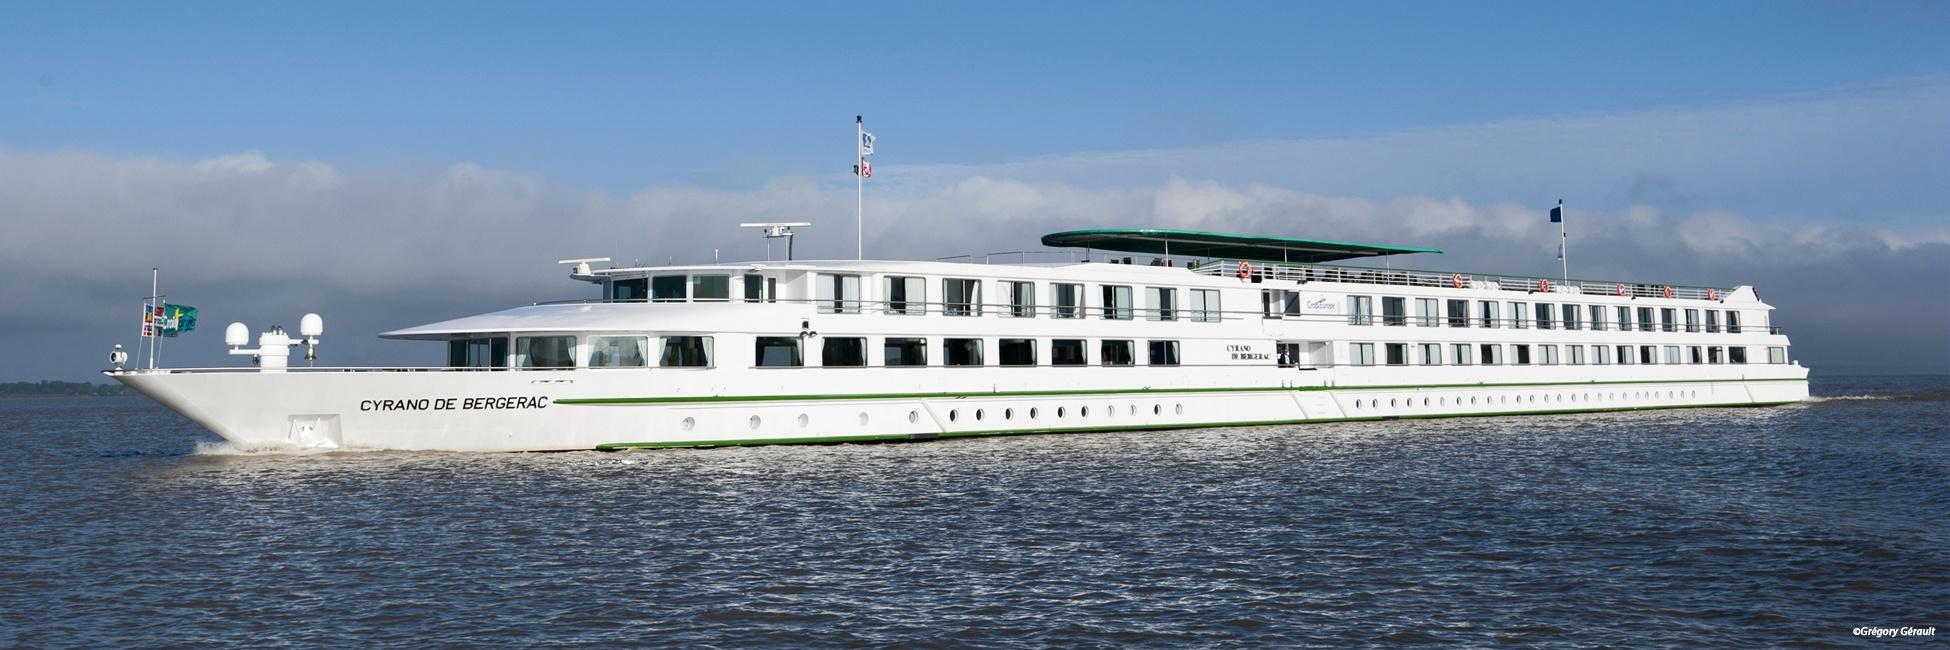 MS Cyrano de Bergerac en navigation